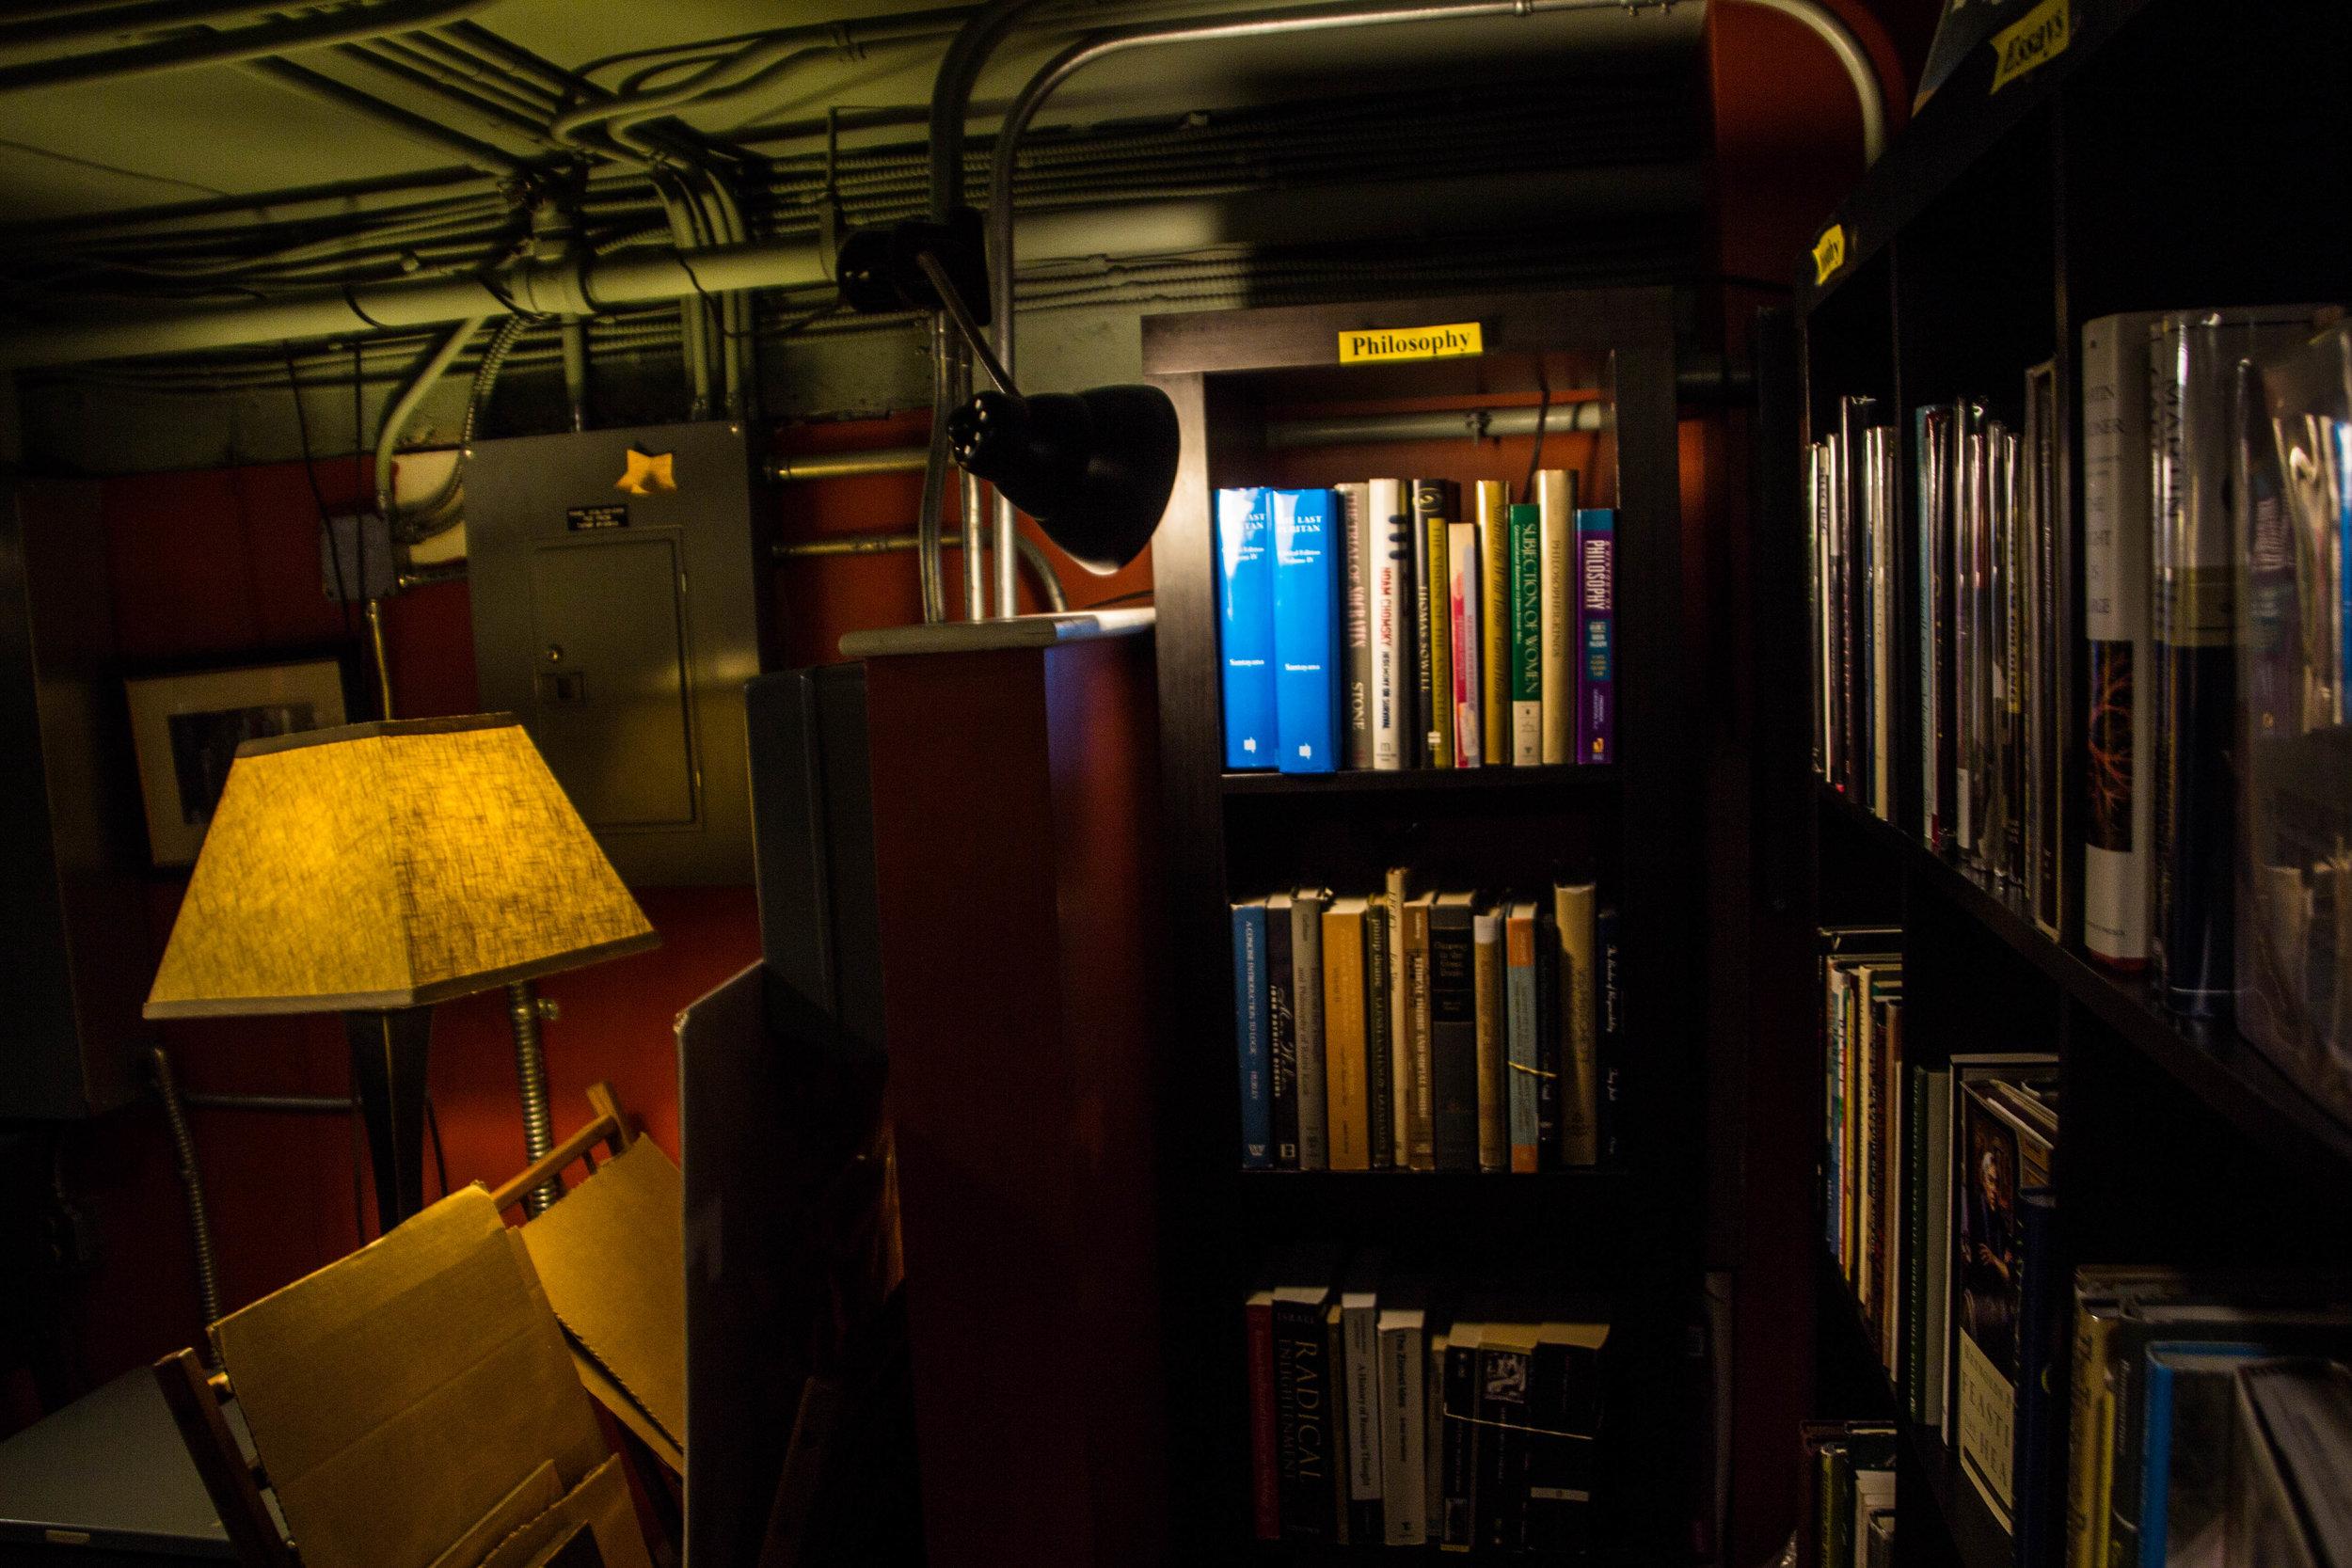 battery-park-book-exchange-asheville-6.jpg